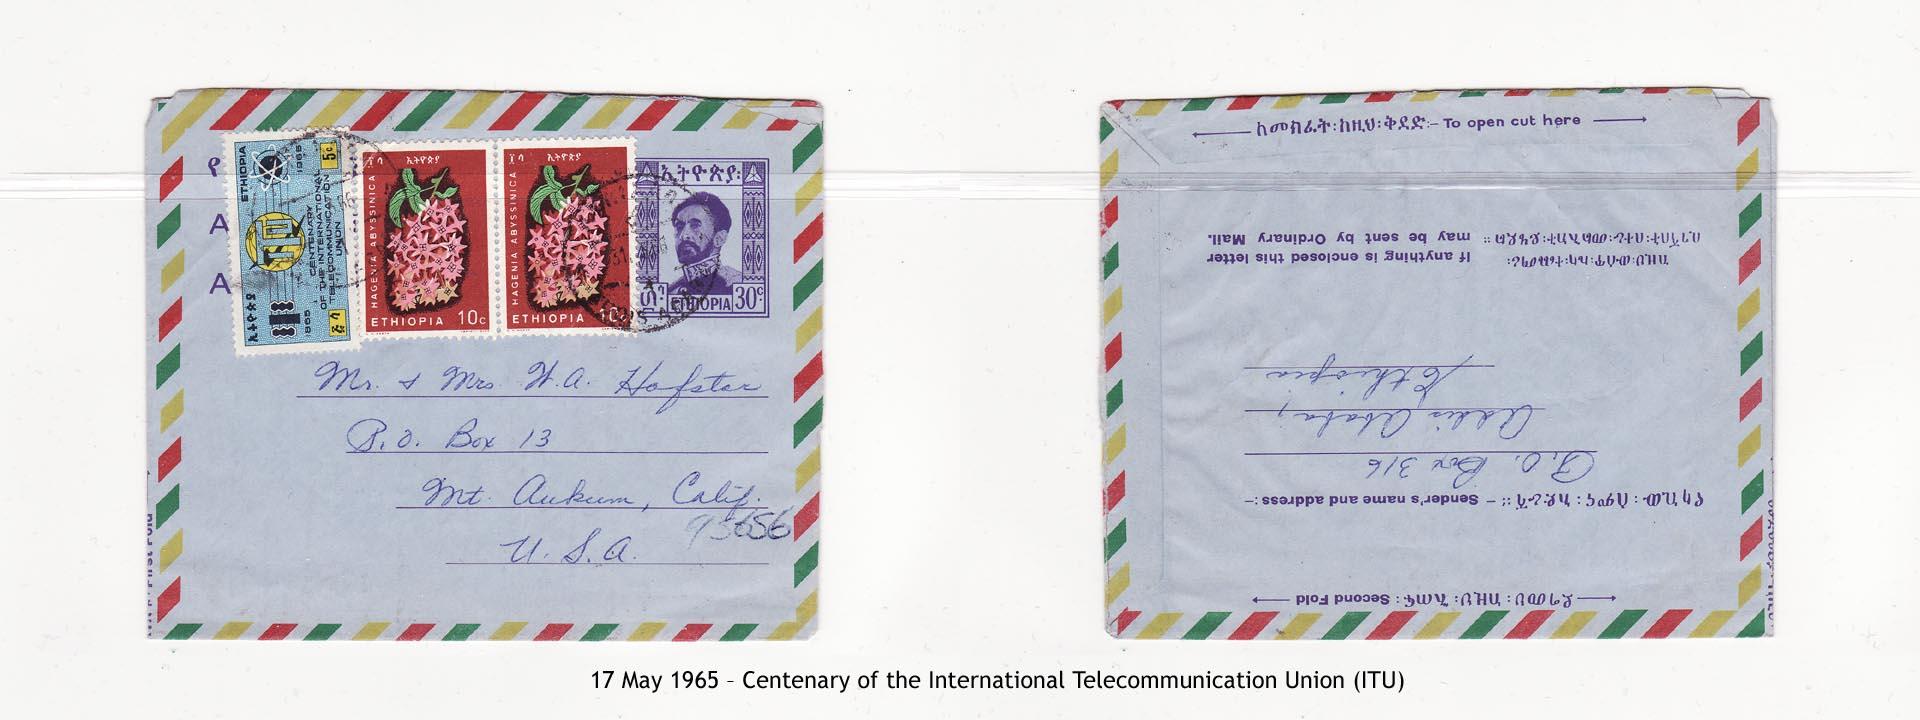 19650517 – Centenary of the International Telecommunication Union (ITU)